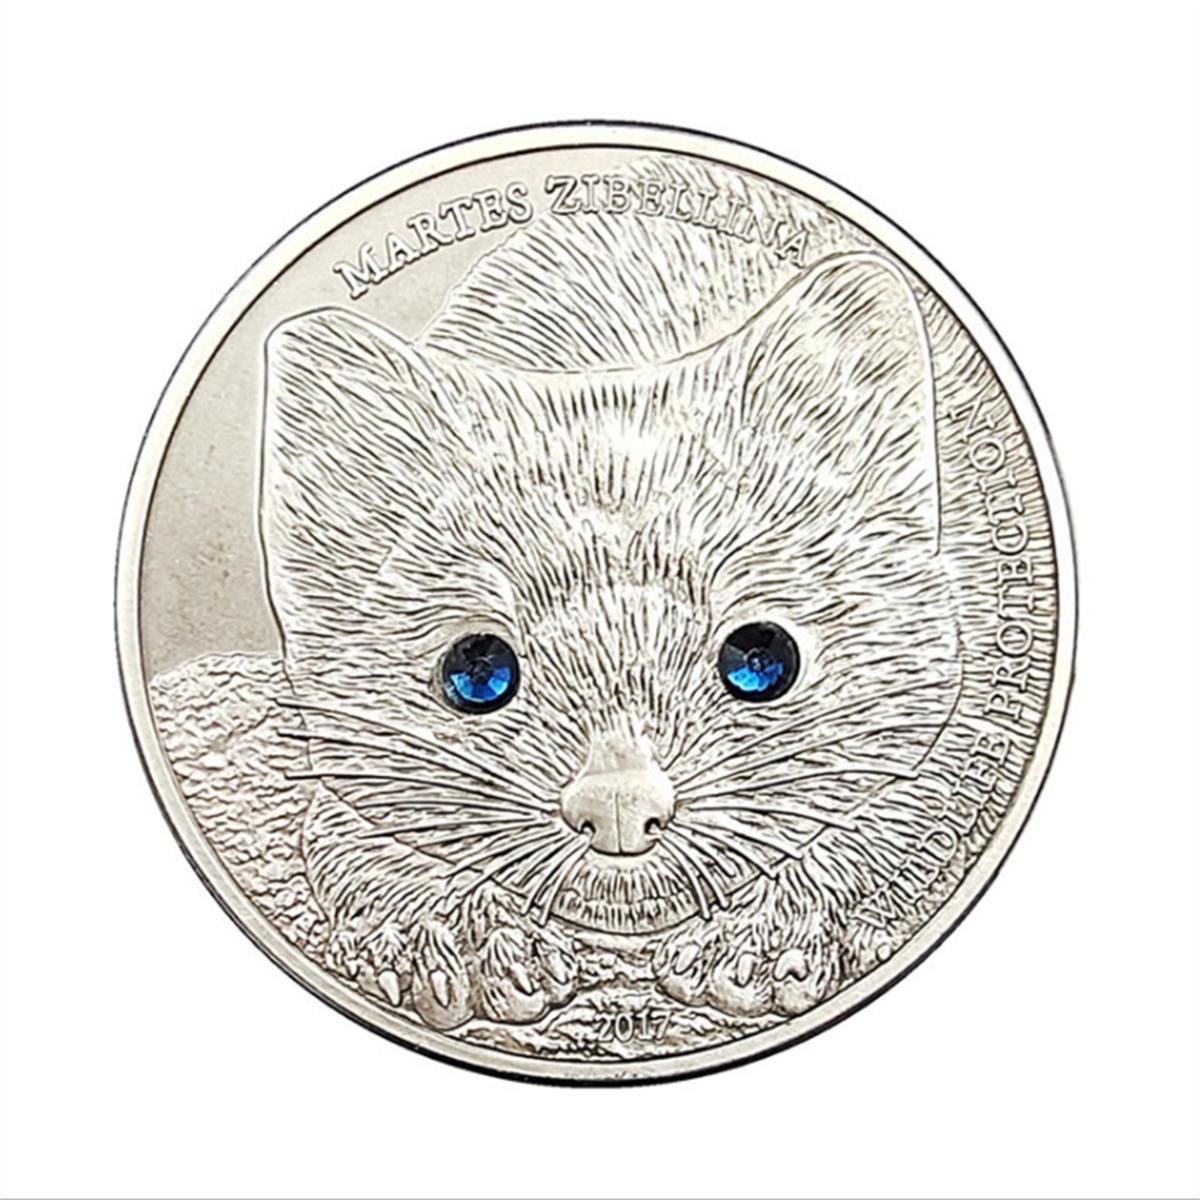 Монета в виде животного, подарок на удачу из конгои, соболиный, памятная монета, серебряная монета, поделки, Набор предметов для коллекциони...